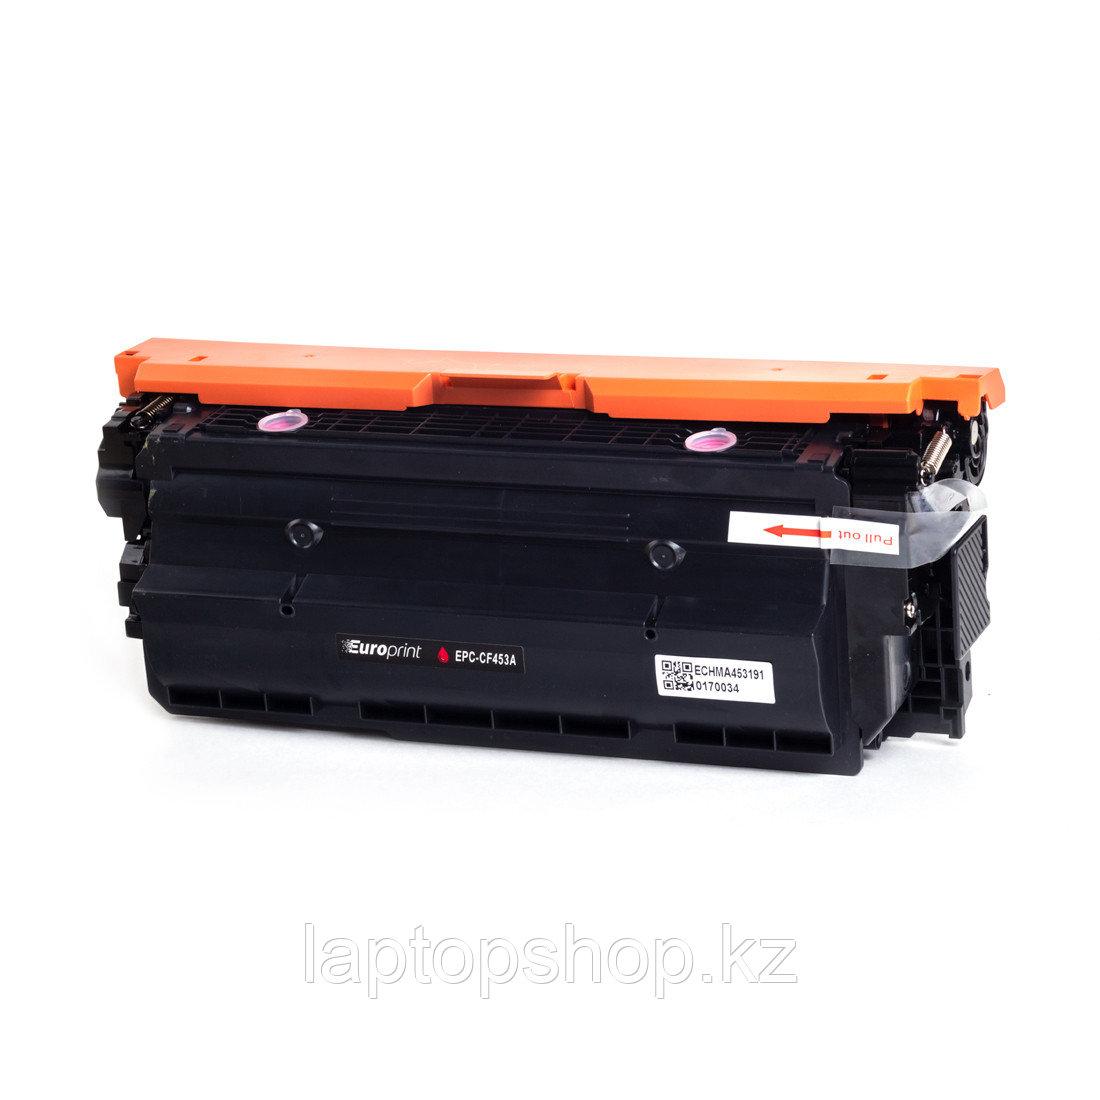 Картридж Europrint EPC-CF453A